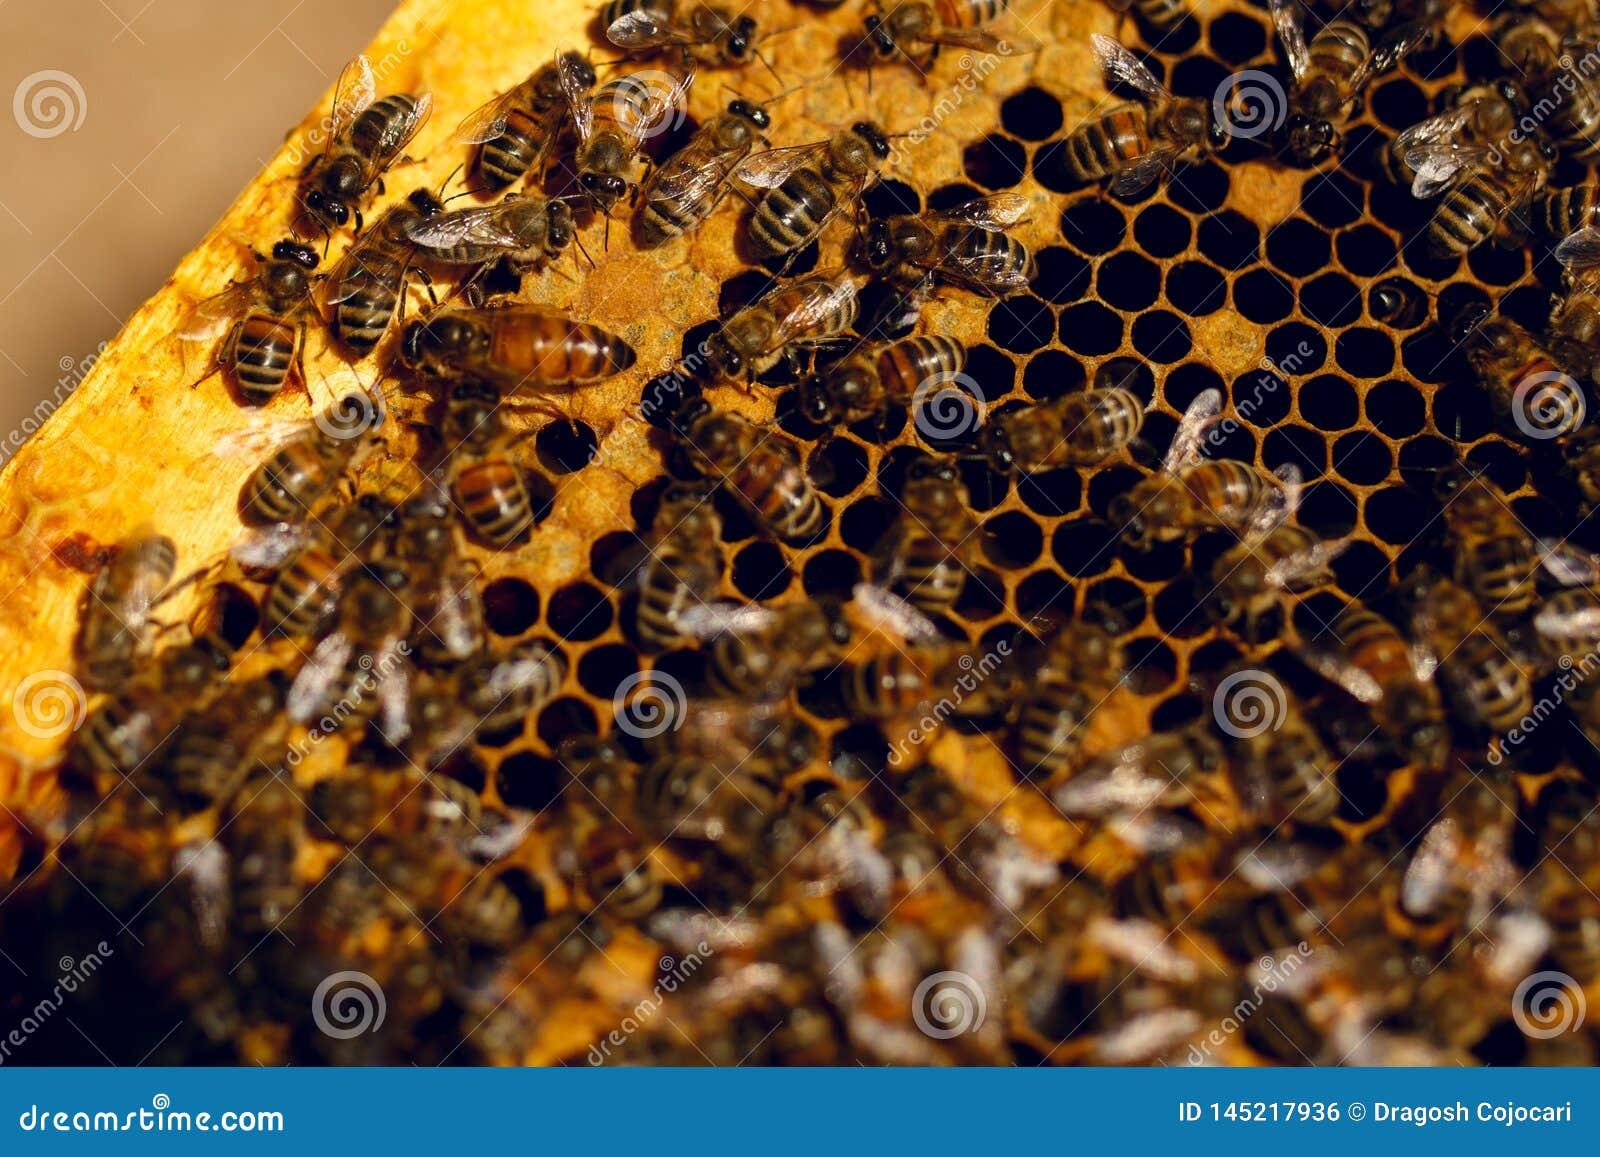 Κλείστε επάνω την άποψη των μελισσών εργασίας στα κύτταρα μελιού